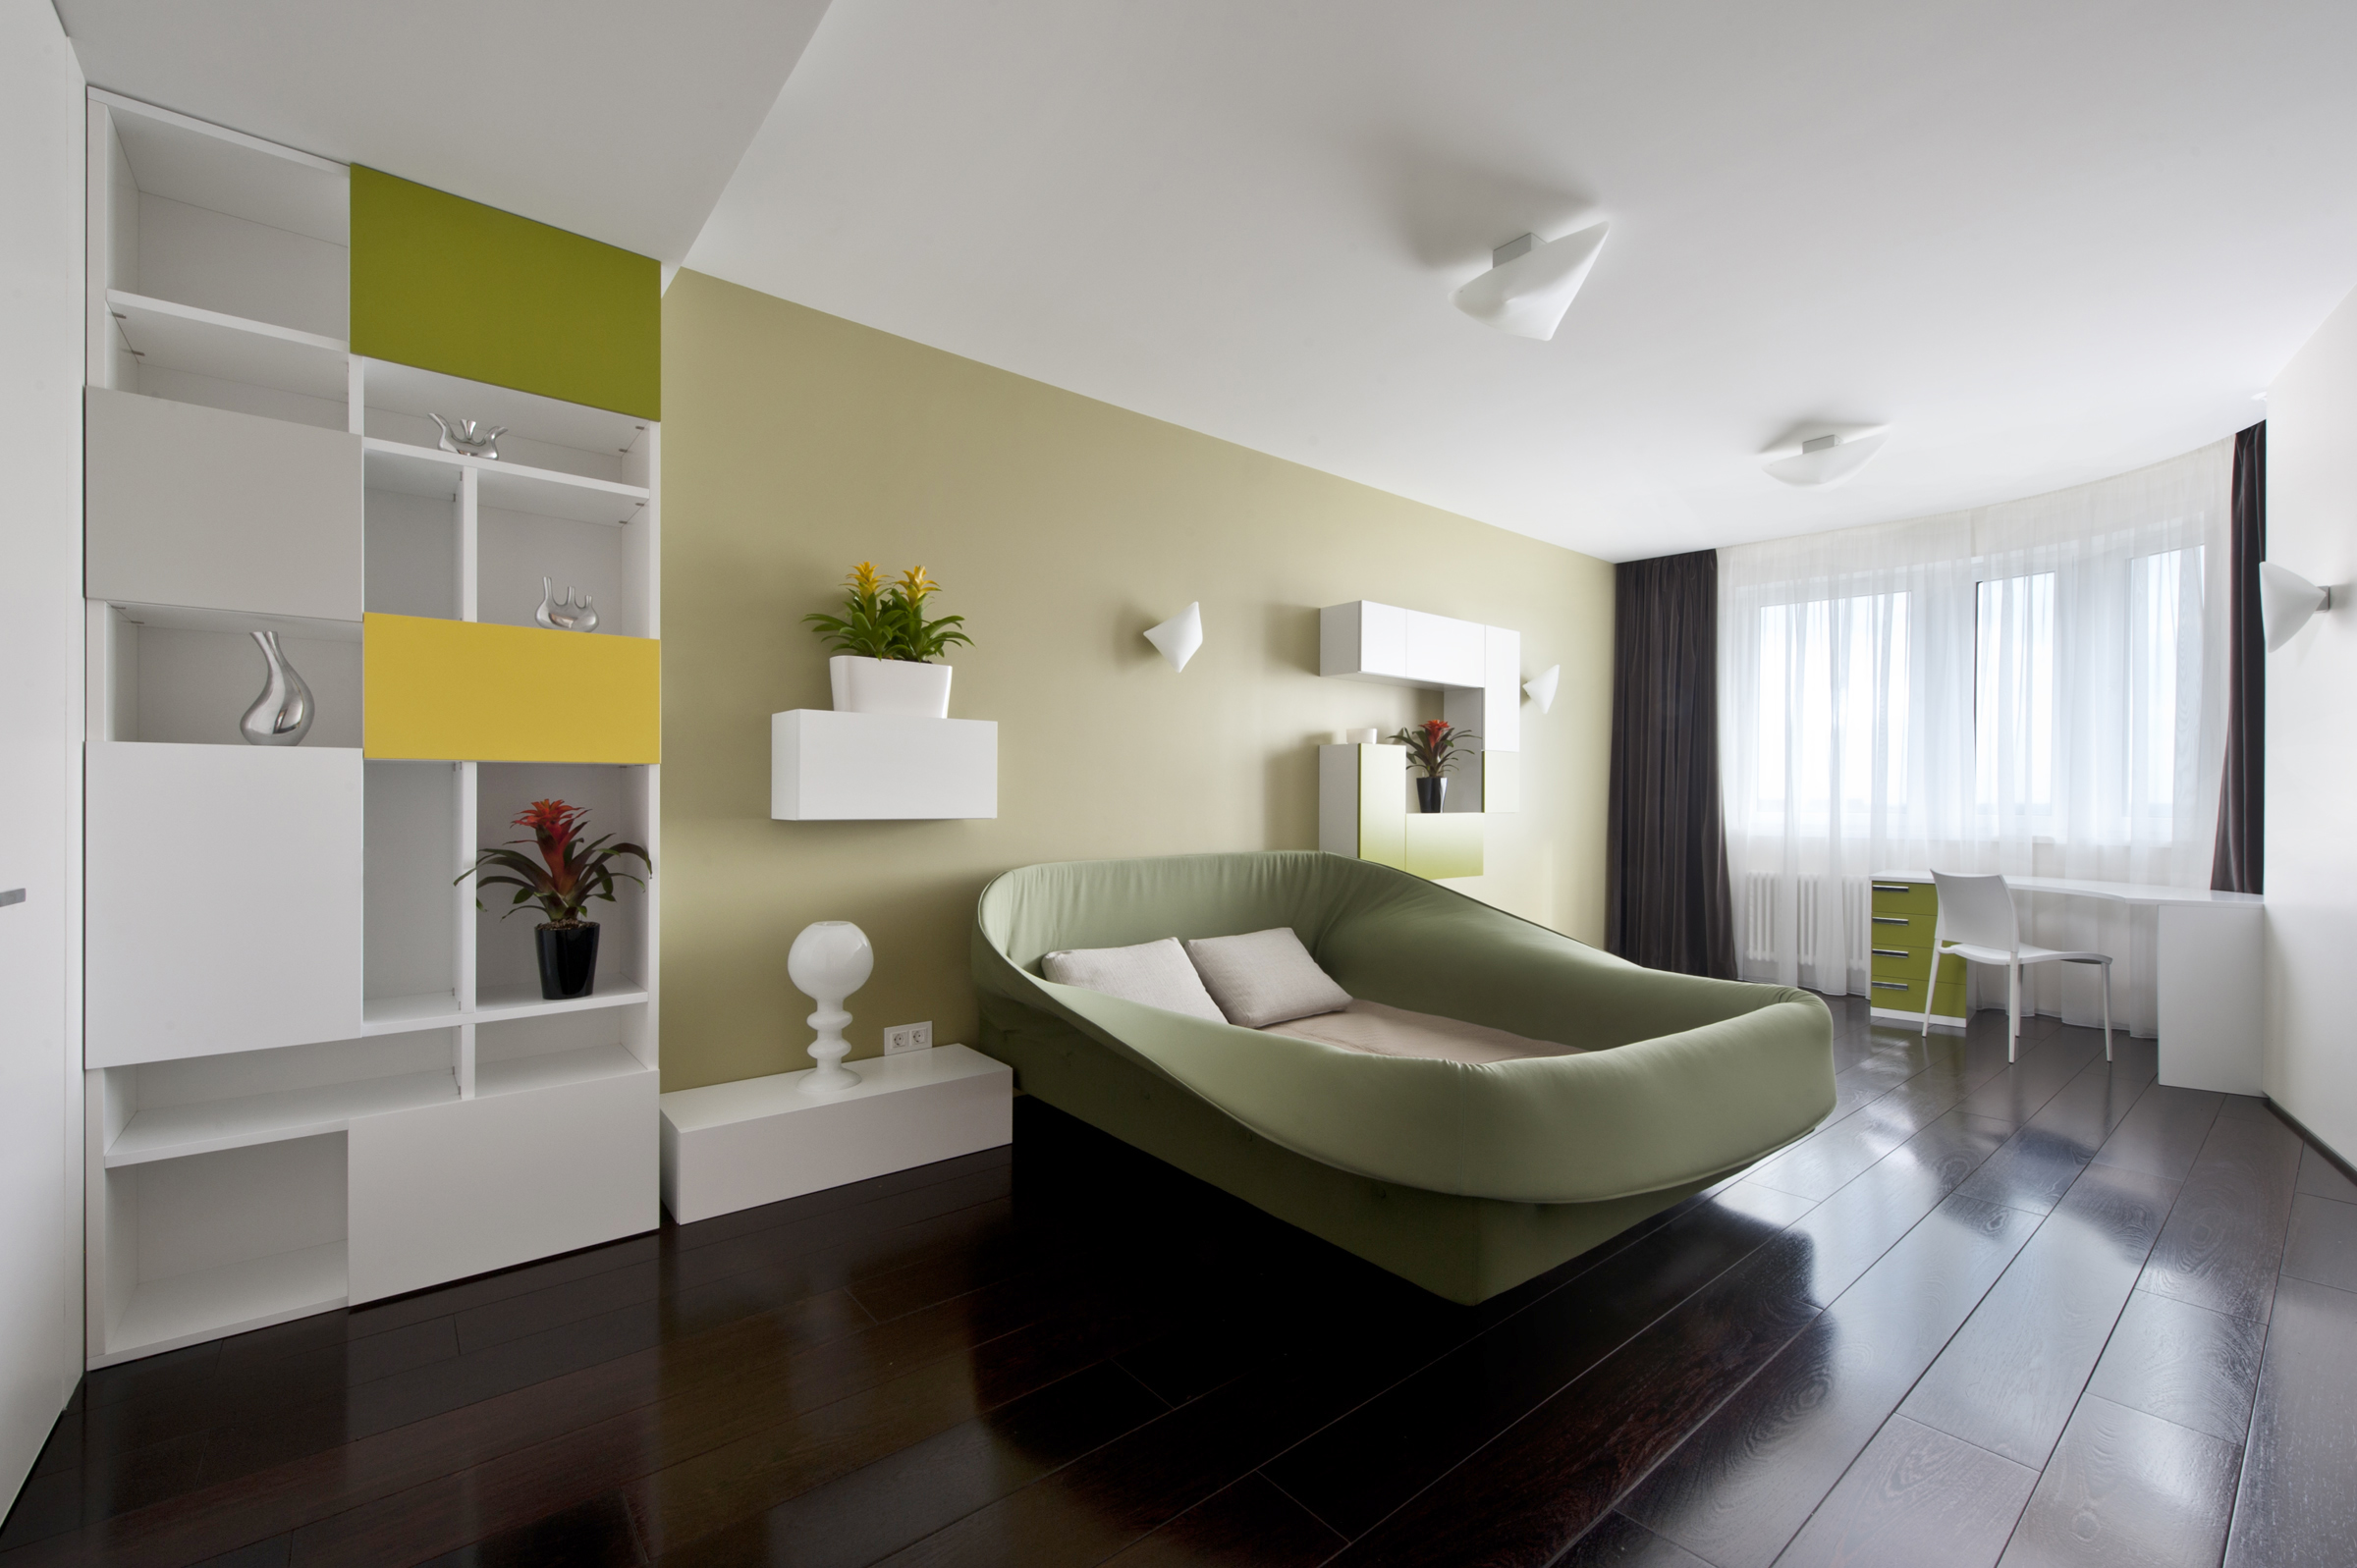 Интерьеры маленьких квартир в современном стиле фото